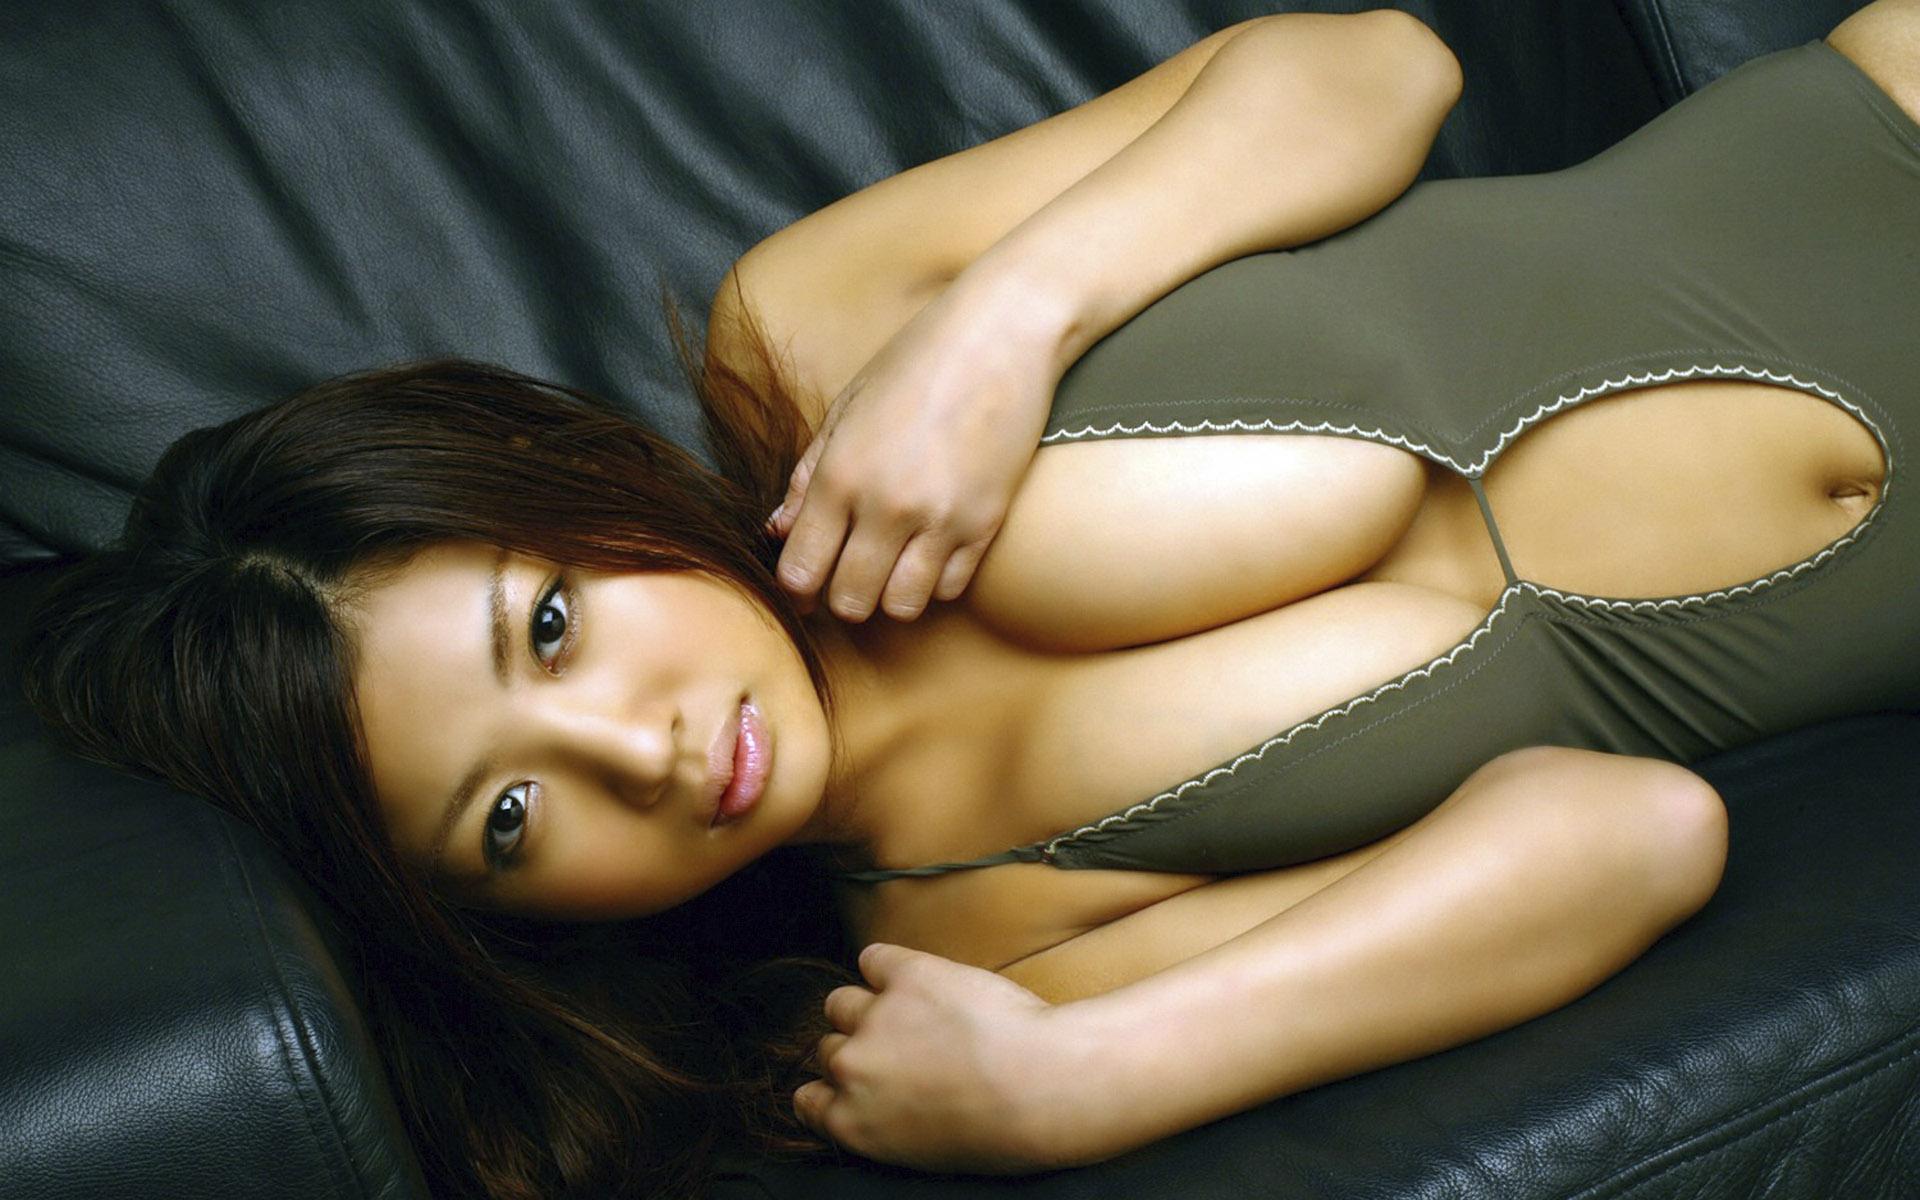 Фото красивых девушек эро домашние, Голые частное фото девушек - любители порно фото 7 фотография